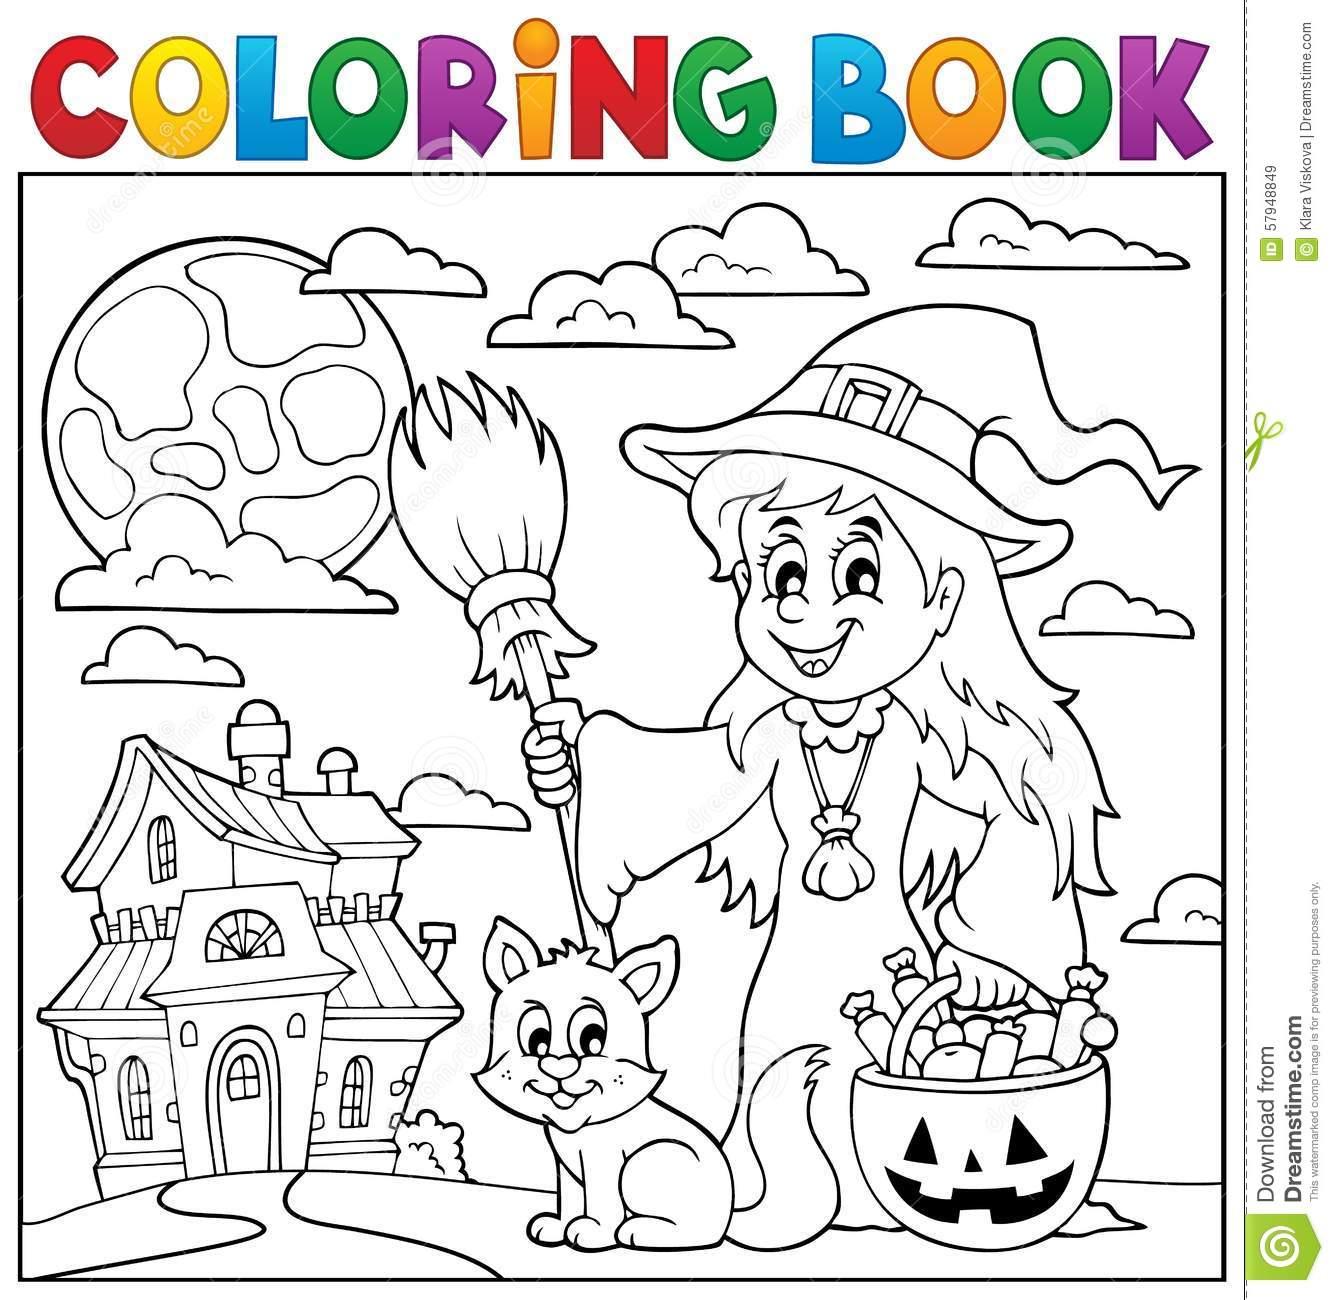 Bruxa Bonito E Gato Do Livro Para Colorir Ilustração Do Vetor